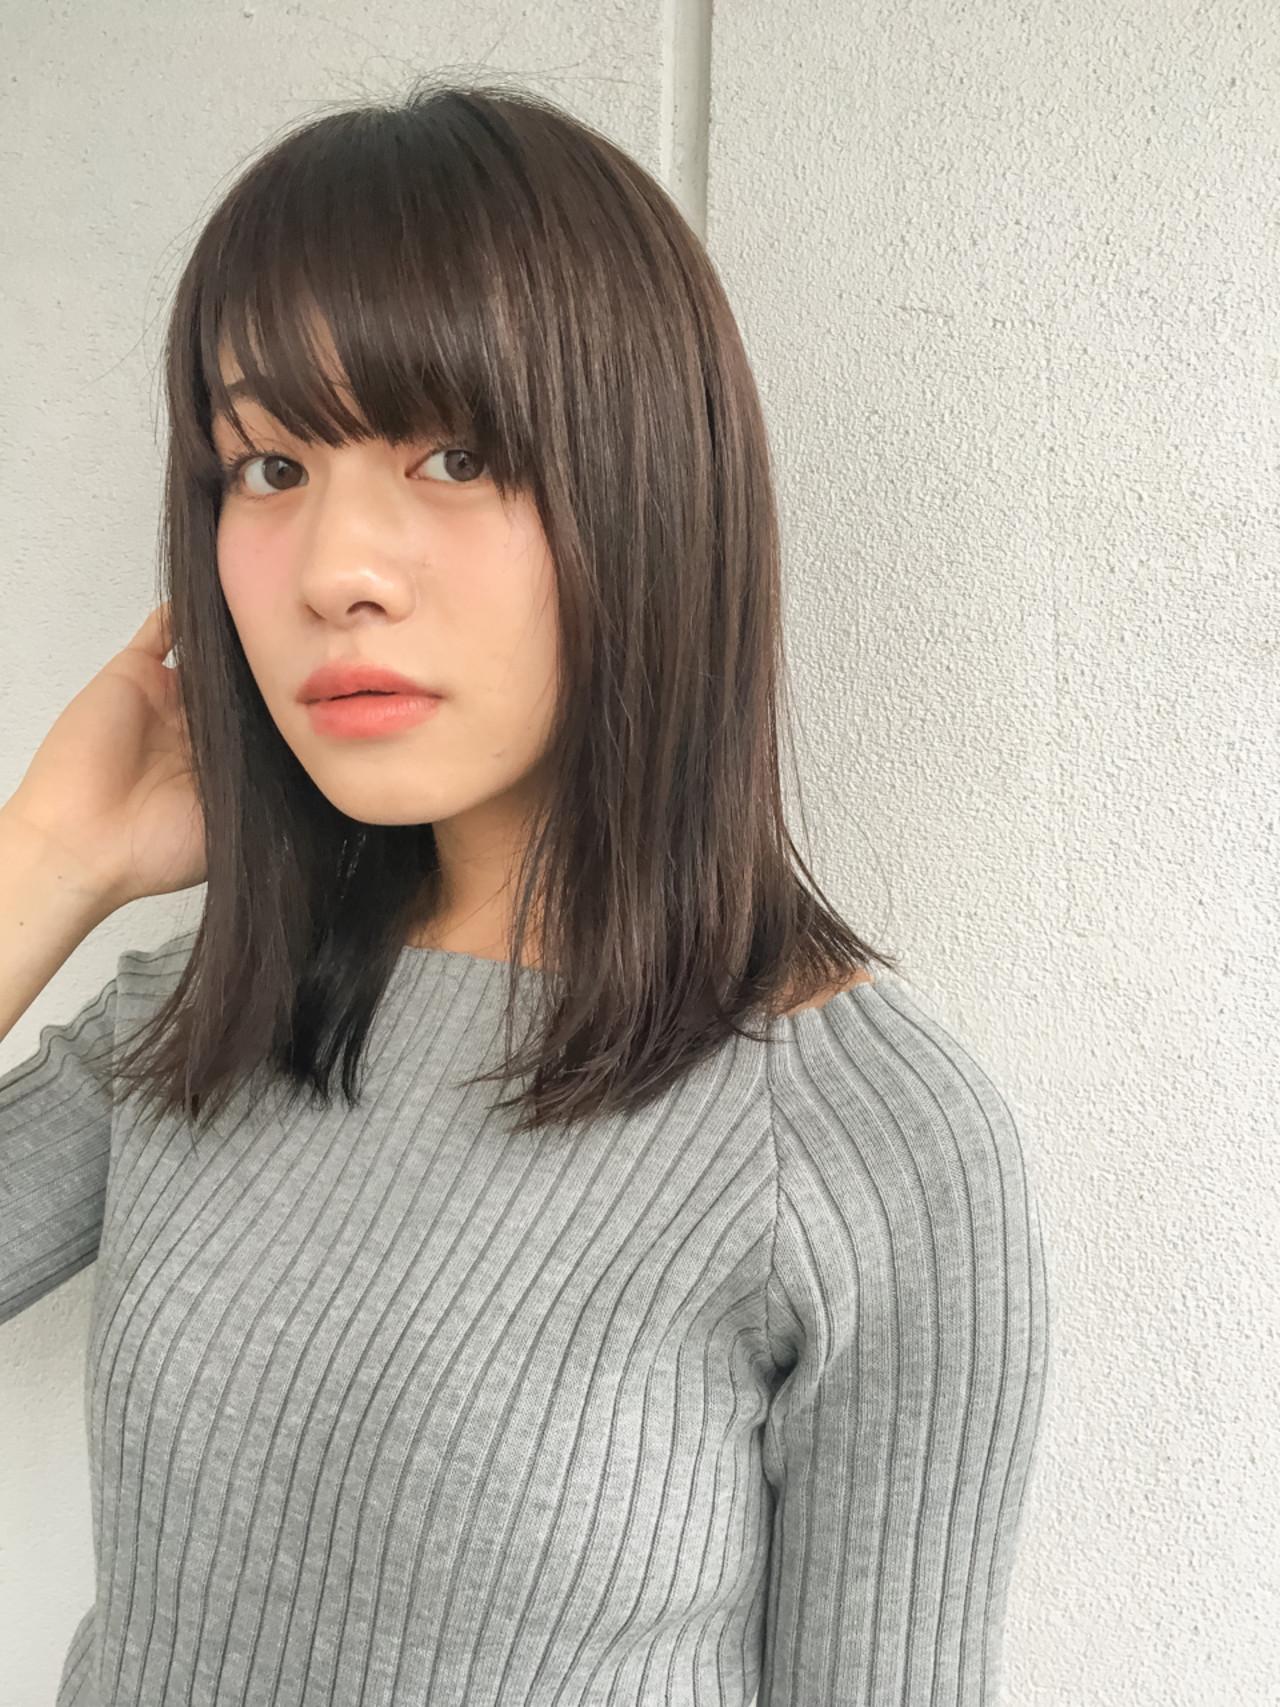 ミディアム 黒髪 暗髪 冬 ヘアスタイルや髪型の写真・画像